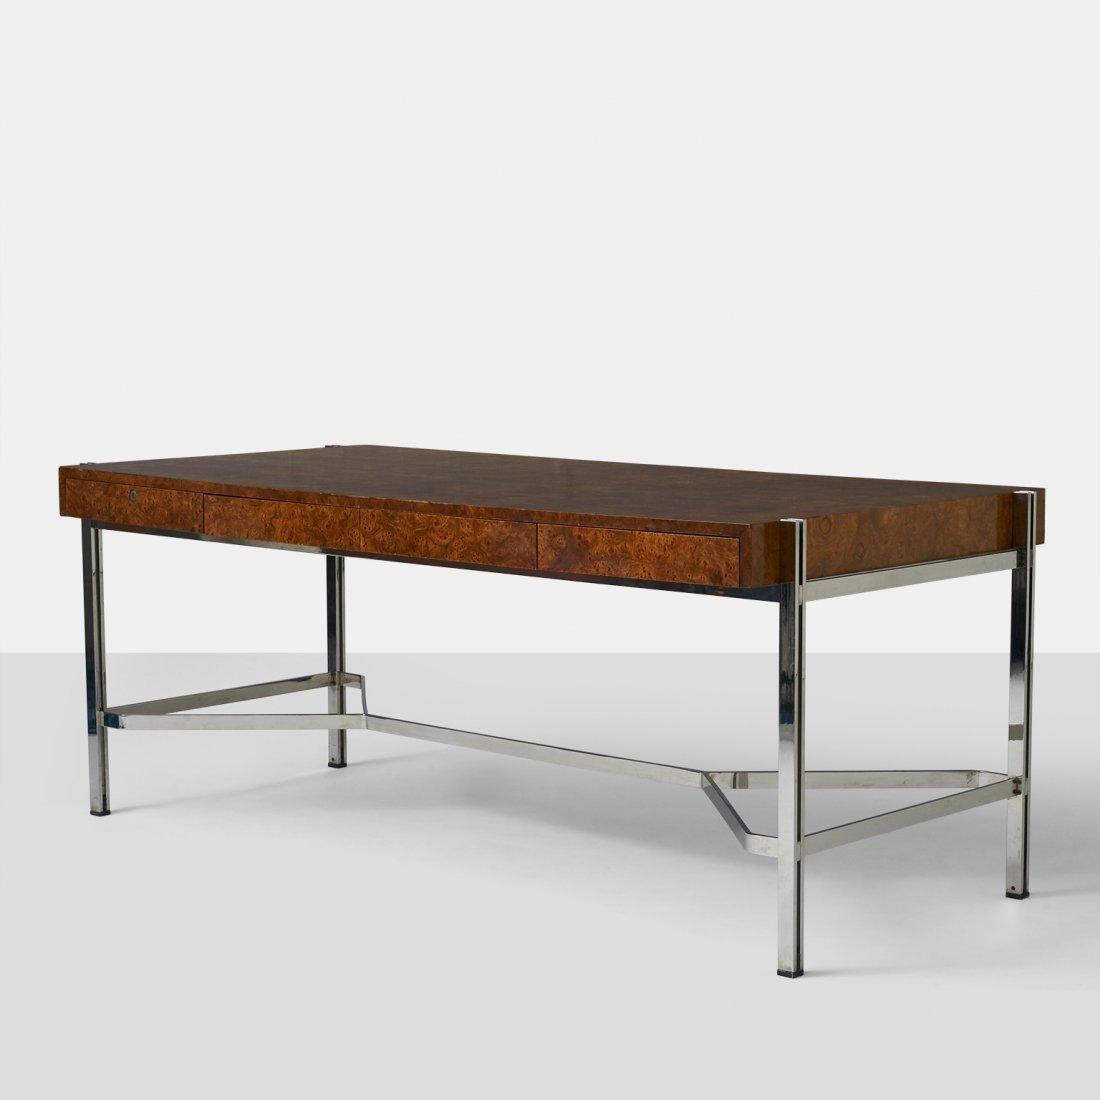 Milo Baughman, Burled Olivewood Desk